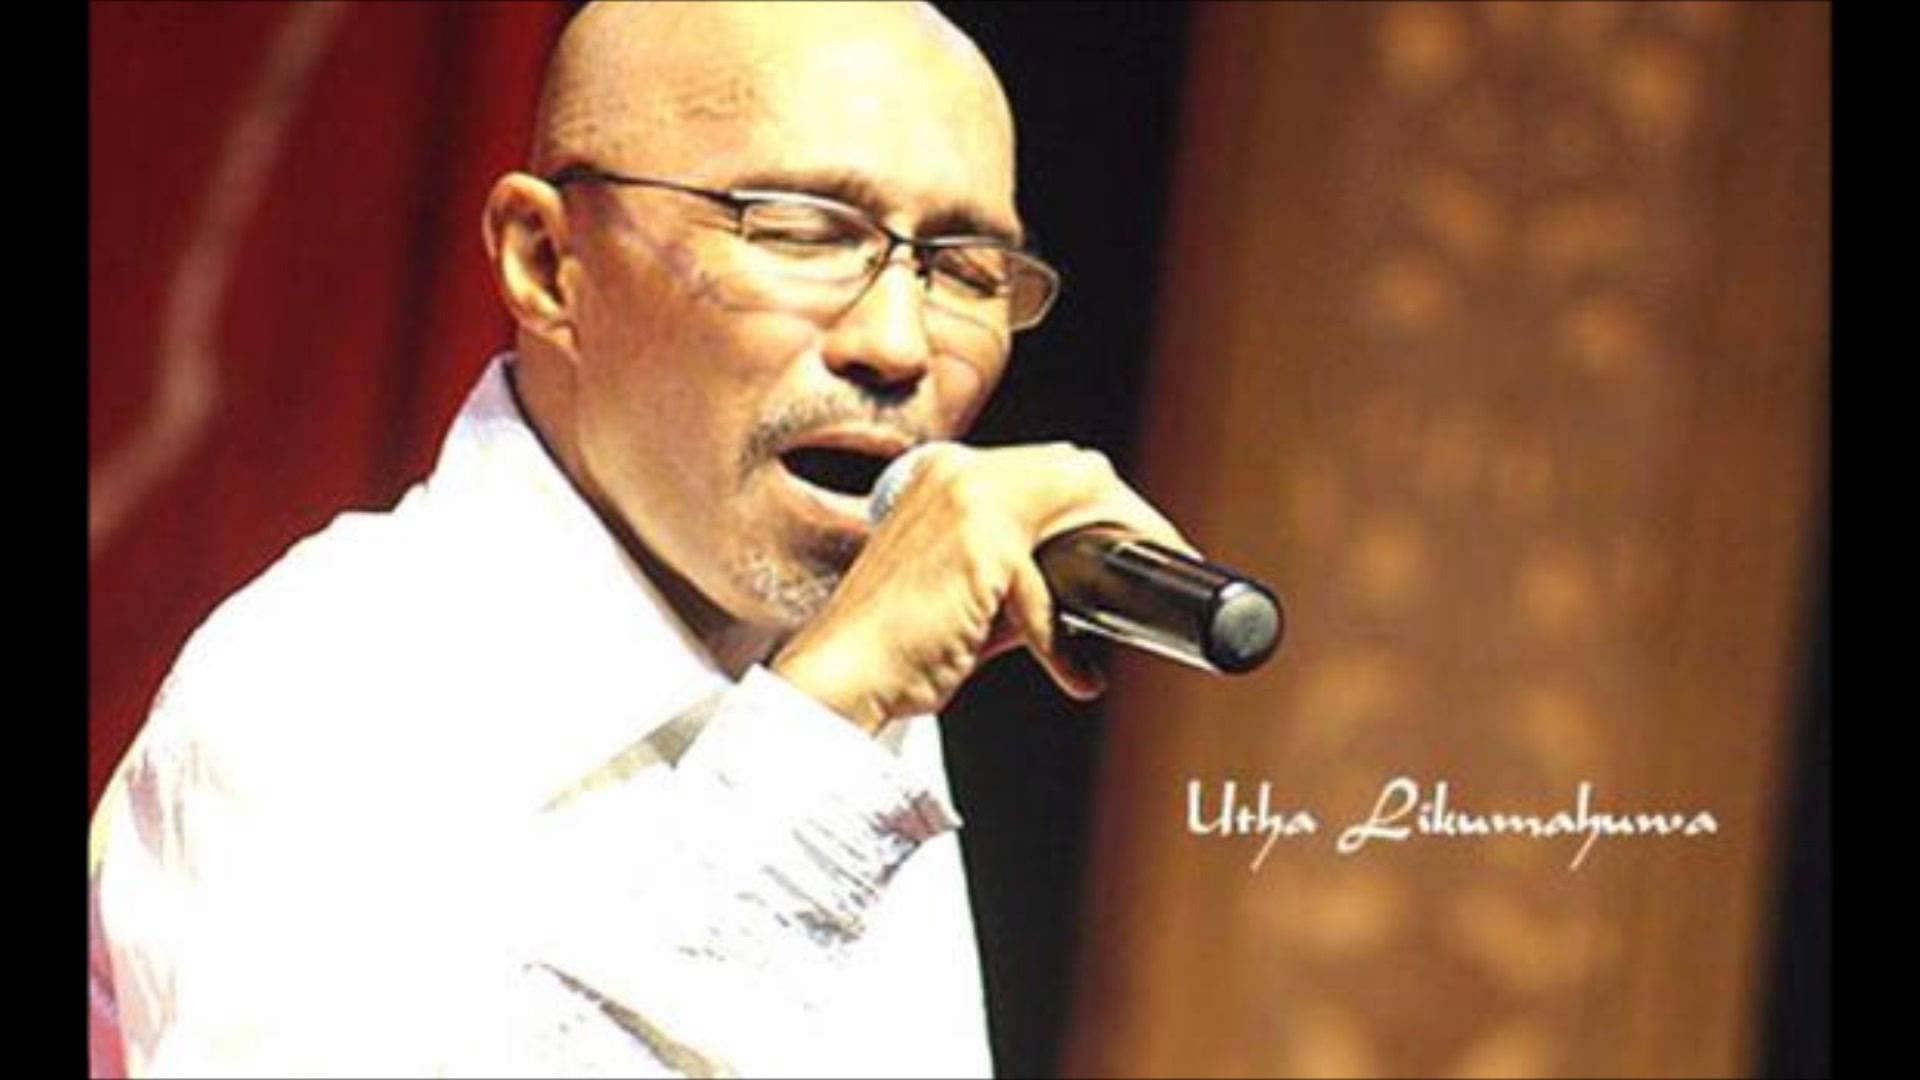 Singer Utha Likumahuwa - age: 56